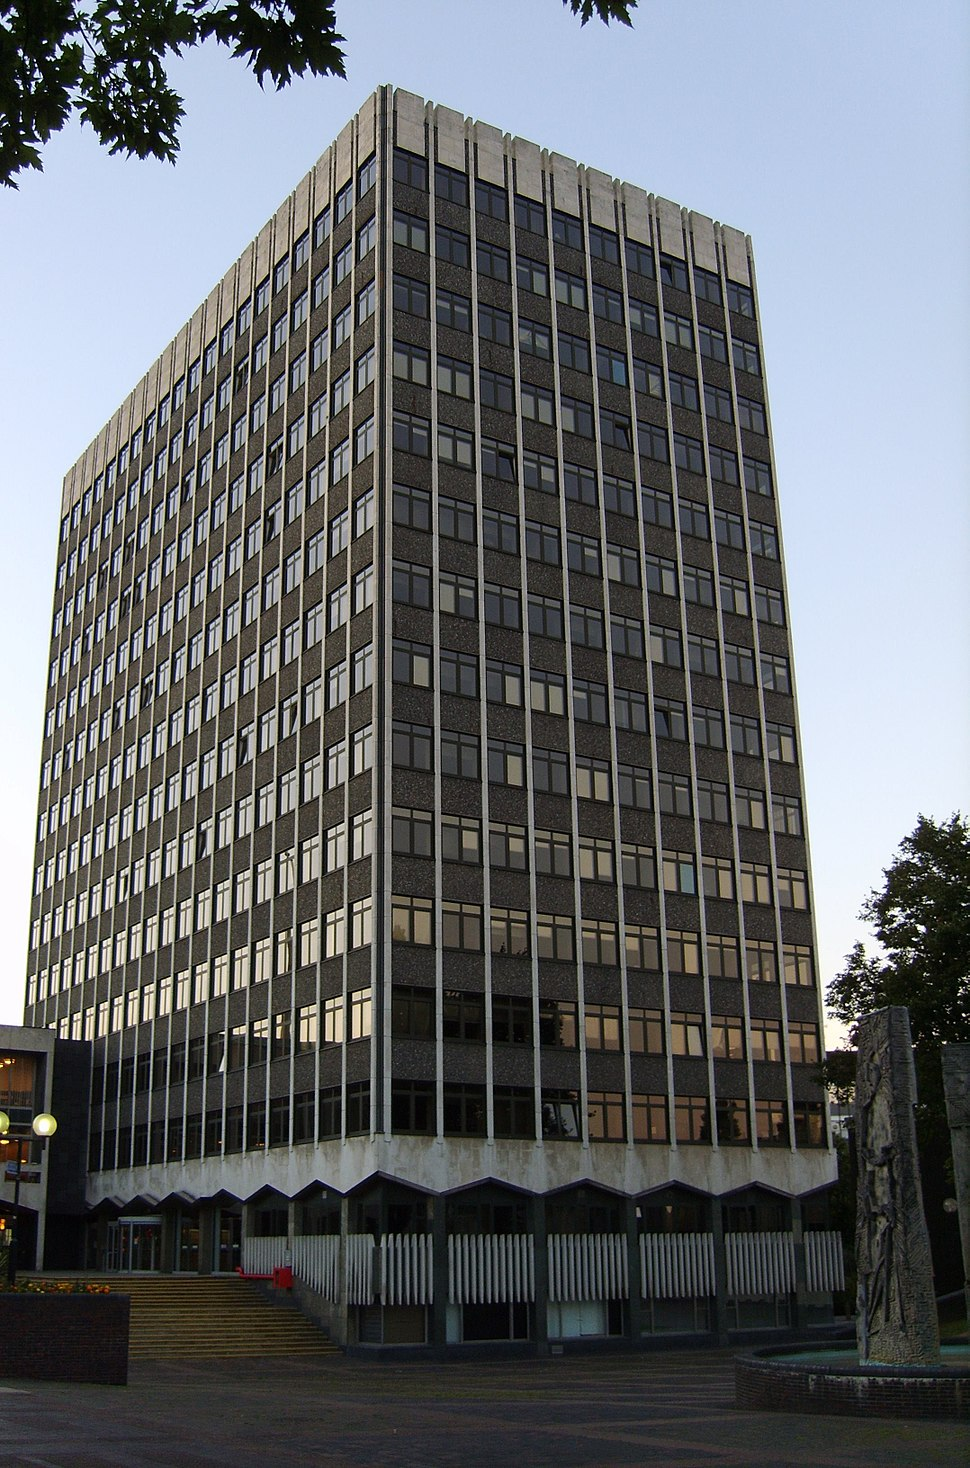 Southend - Civic Centre